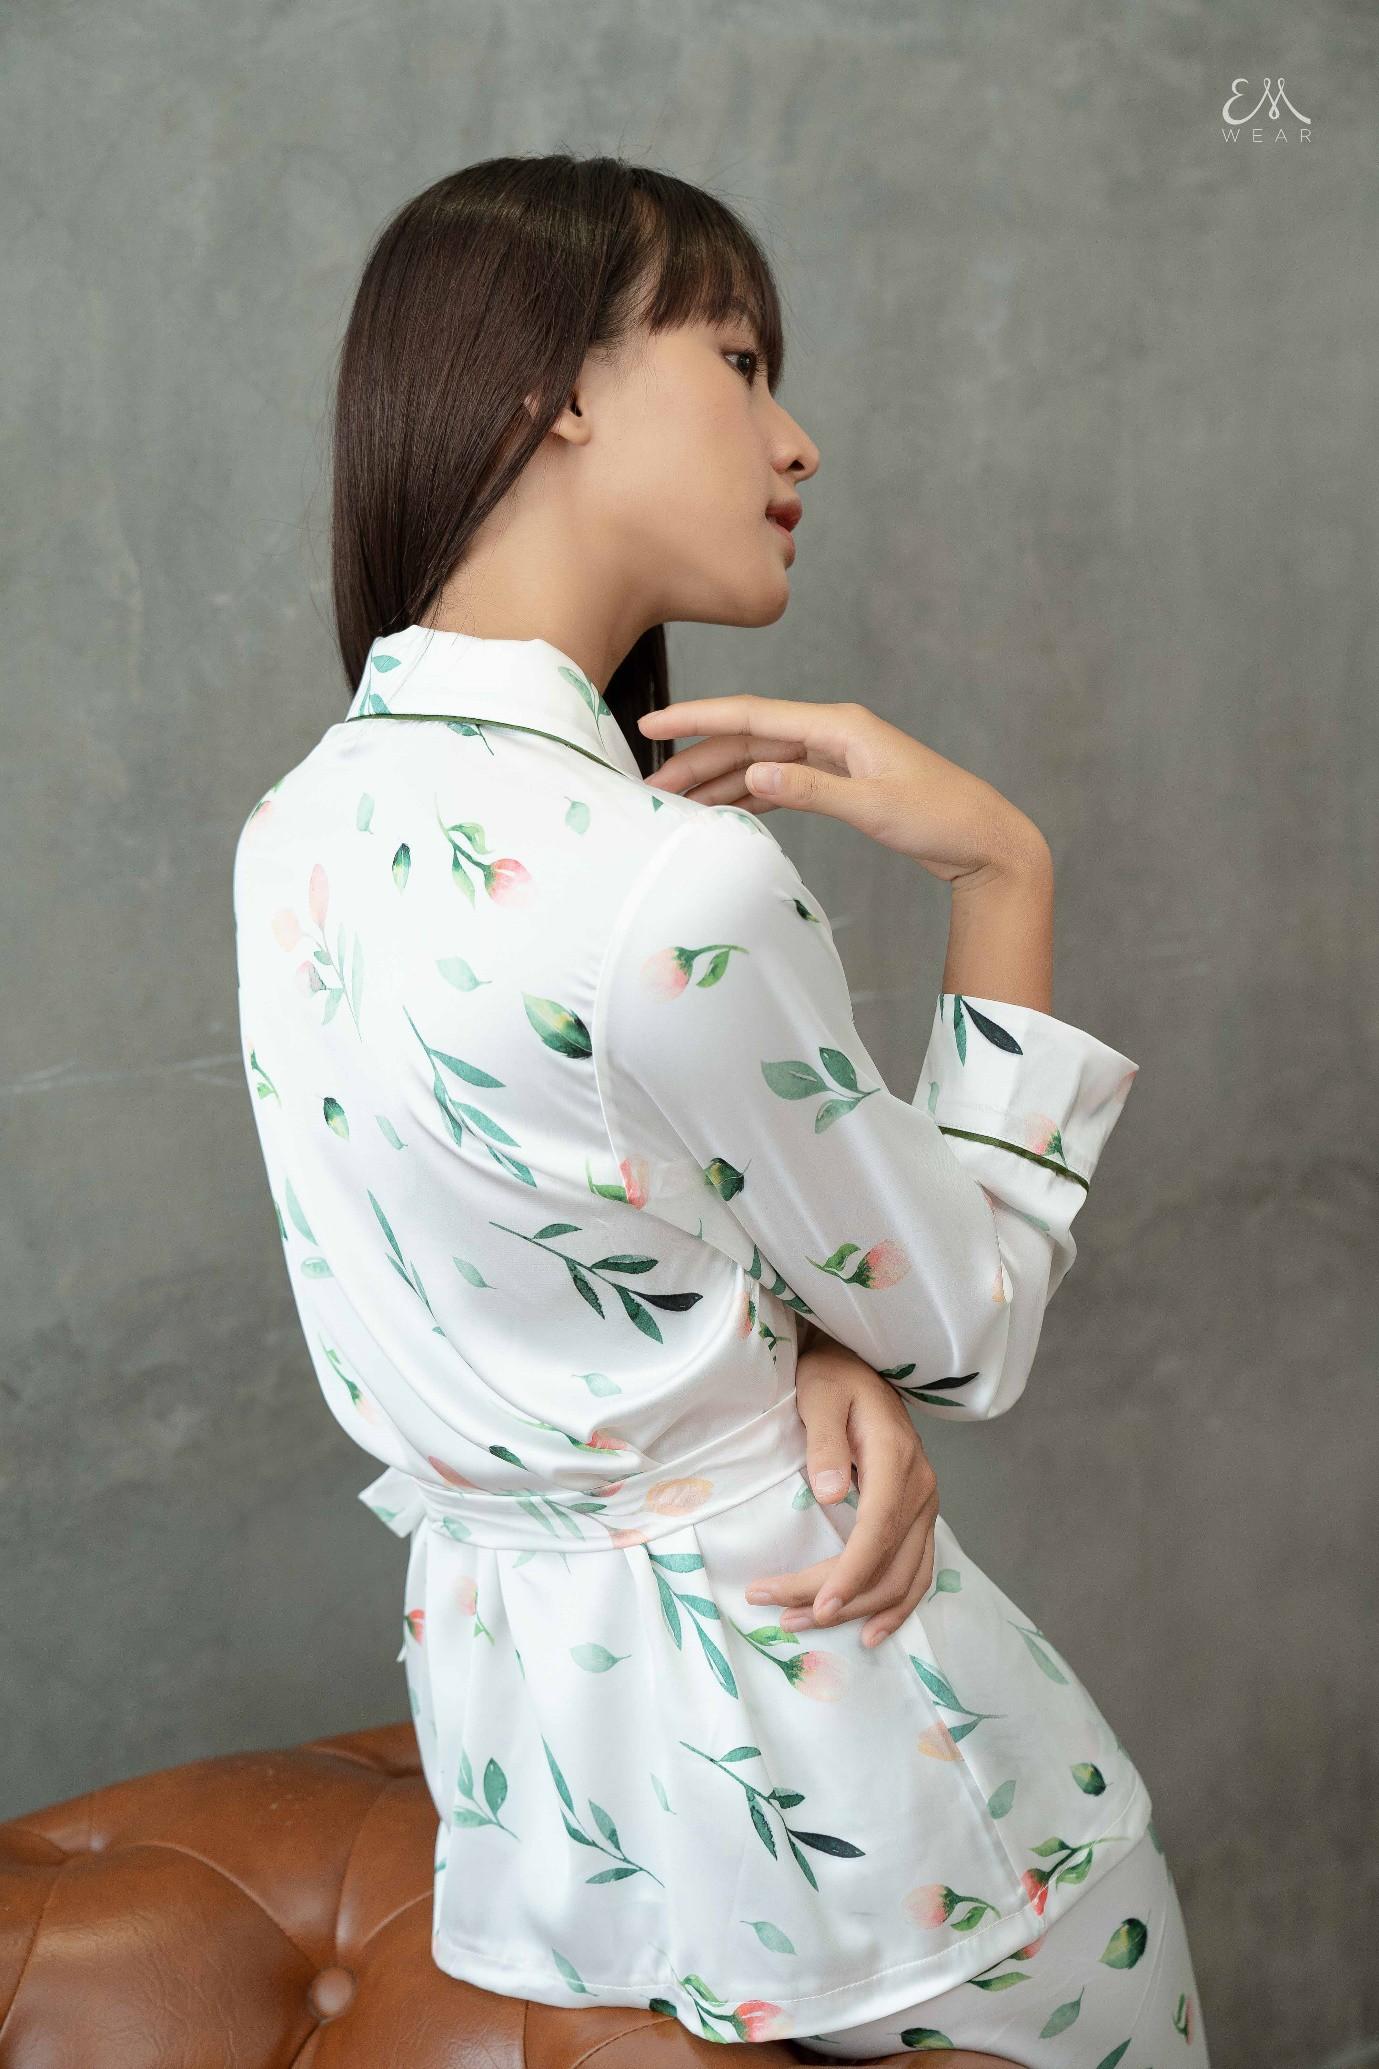 Từ khi nào pyjama trở thành streetwear thế này? - Ảnh 2.